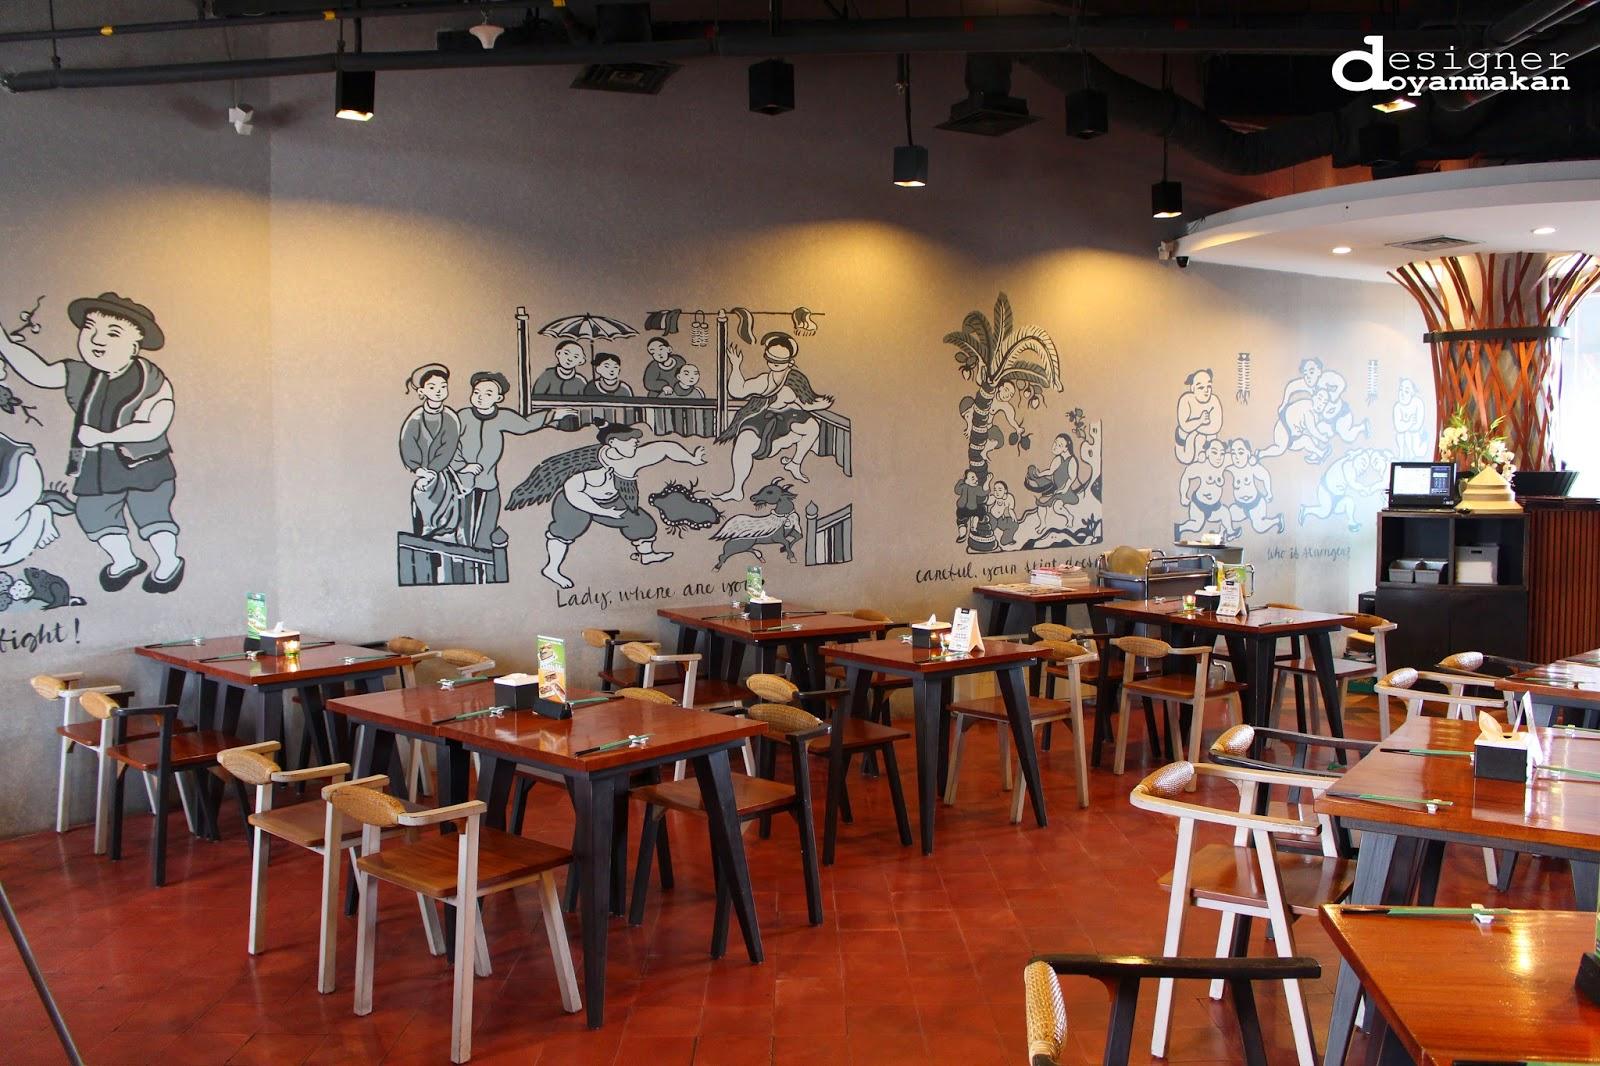 Designer doyan makan foodvaganza at lippo mall kemang